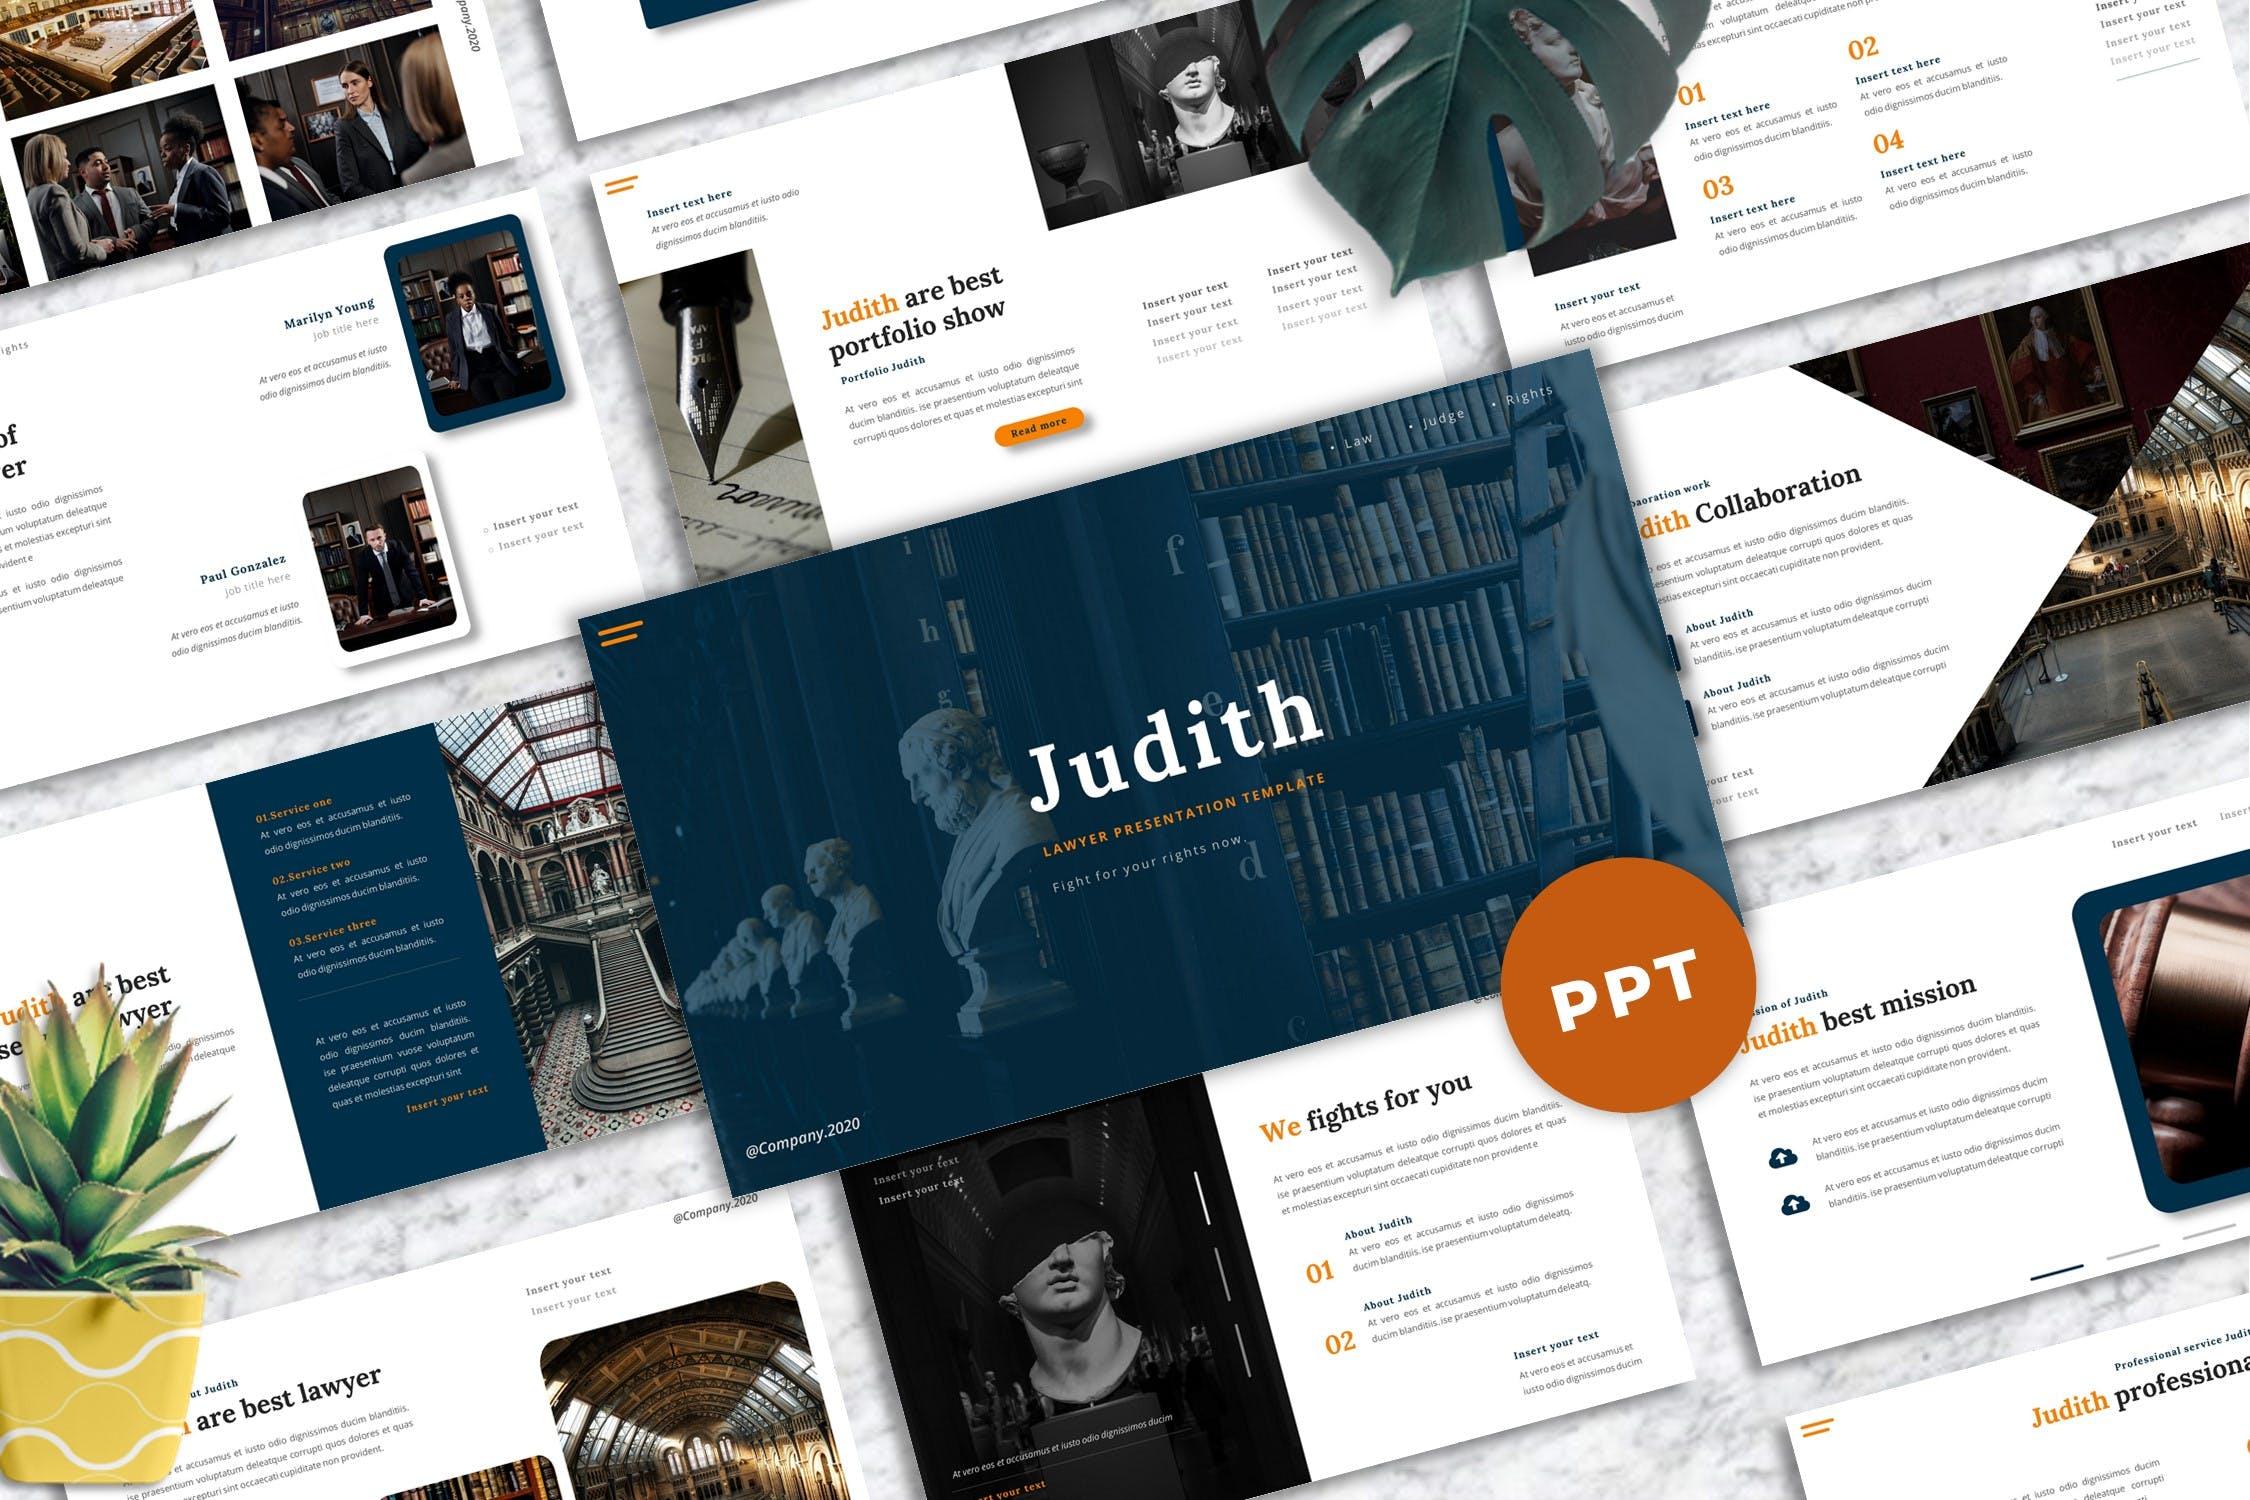 律师事务所推广服务Powerpoint模板素材 Judith – Lawyer Powerpoint Template设计素材模板